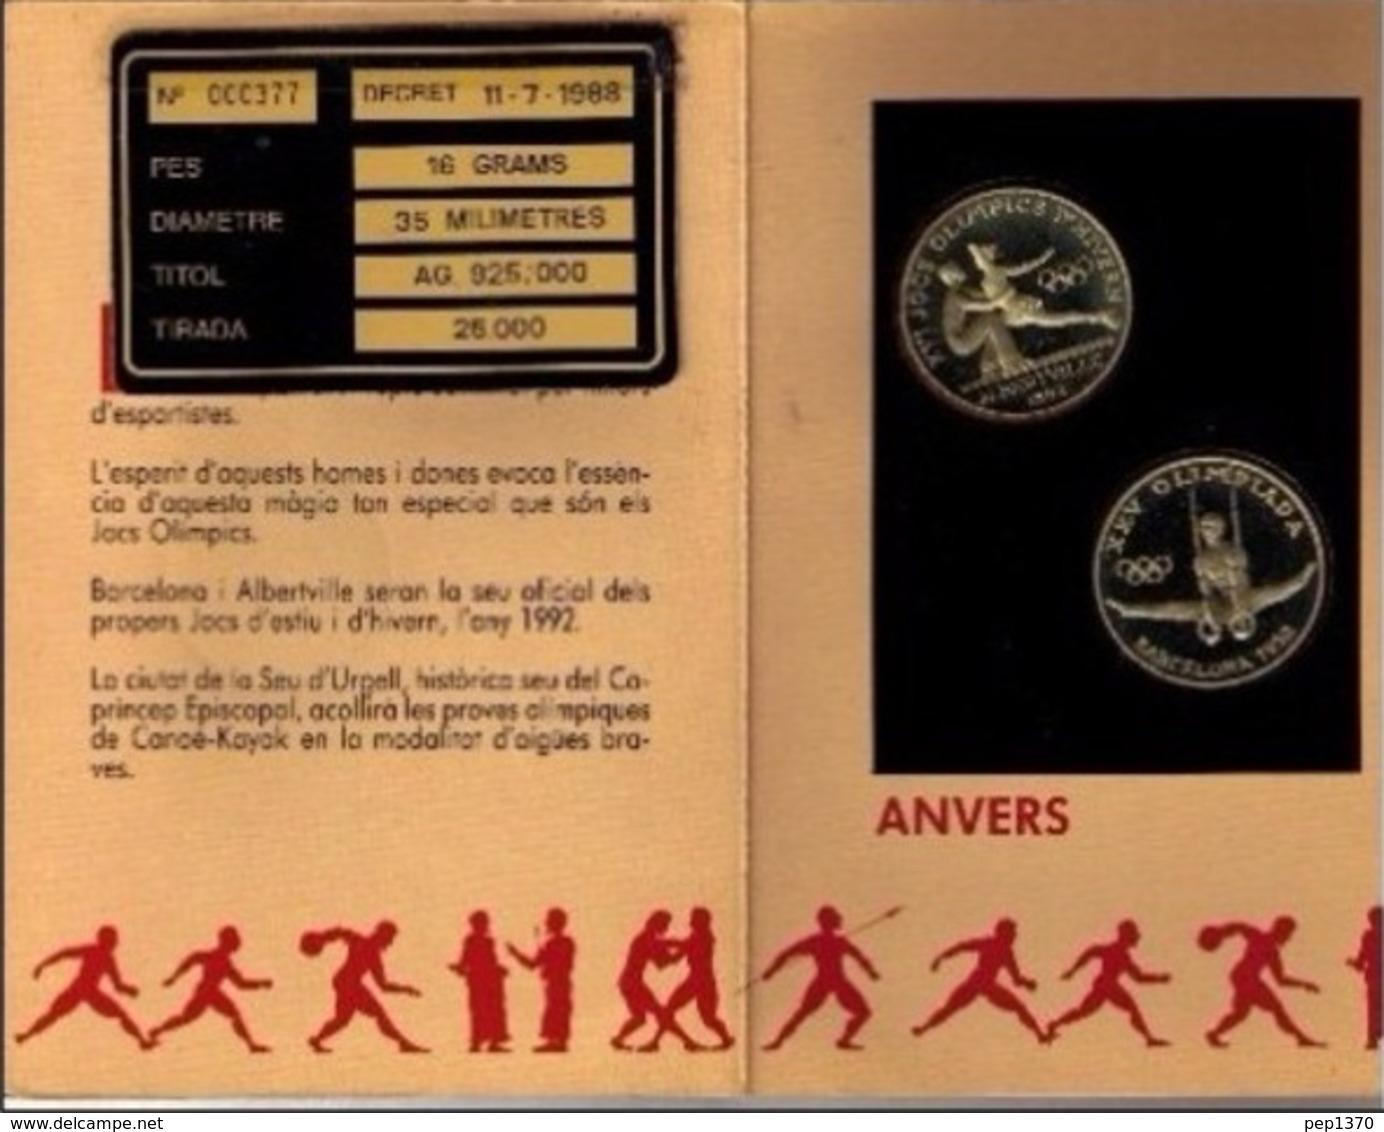 ANDORRA 1992 - BLISTER 2 MONEDAS DE 20 DINERS DE PLATA (SILVER) DEDICADAS A ALBERTVILLE Y BARCELONA '92 - KM#  47 - 48 - Andorra